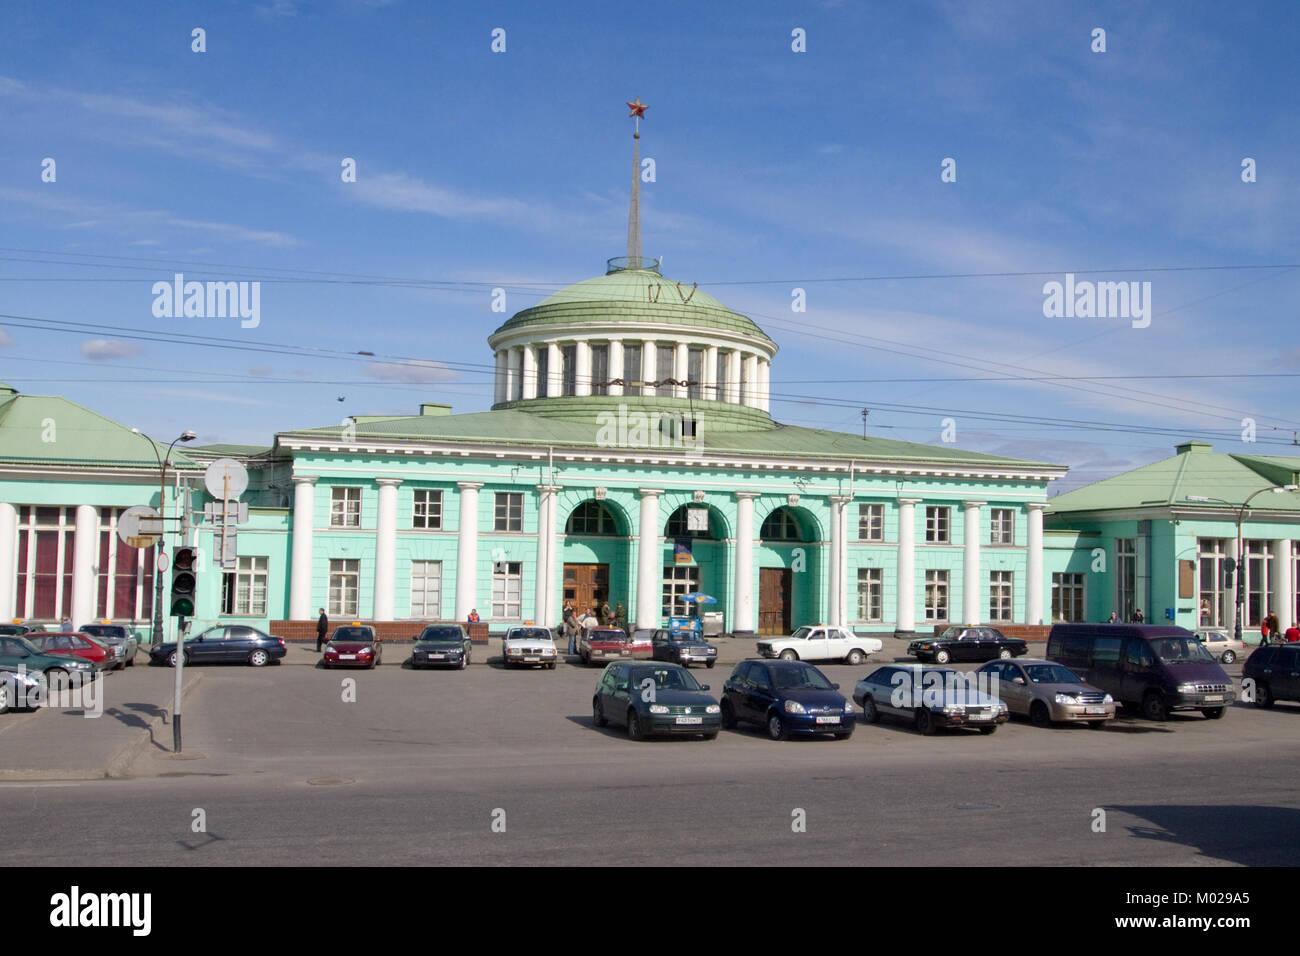 Murmansk, Russia - June 26, 2010: Station Murmansk - Stock Image